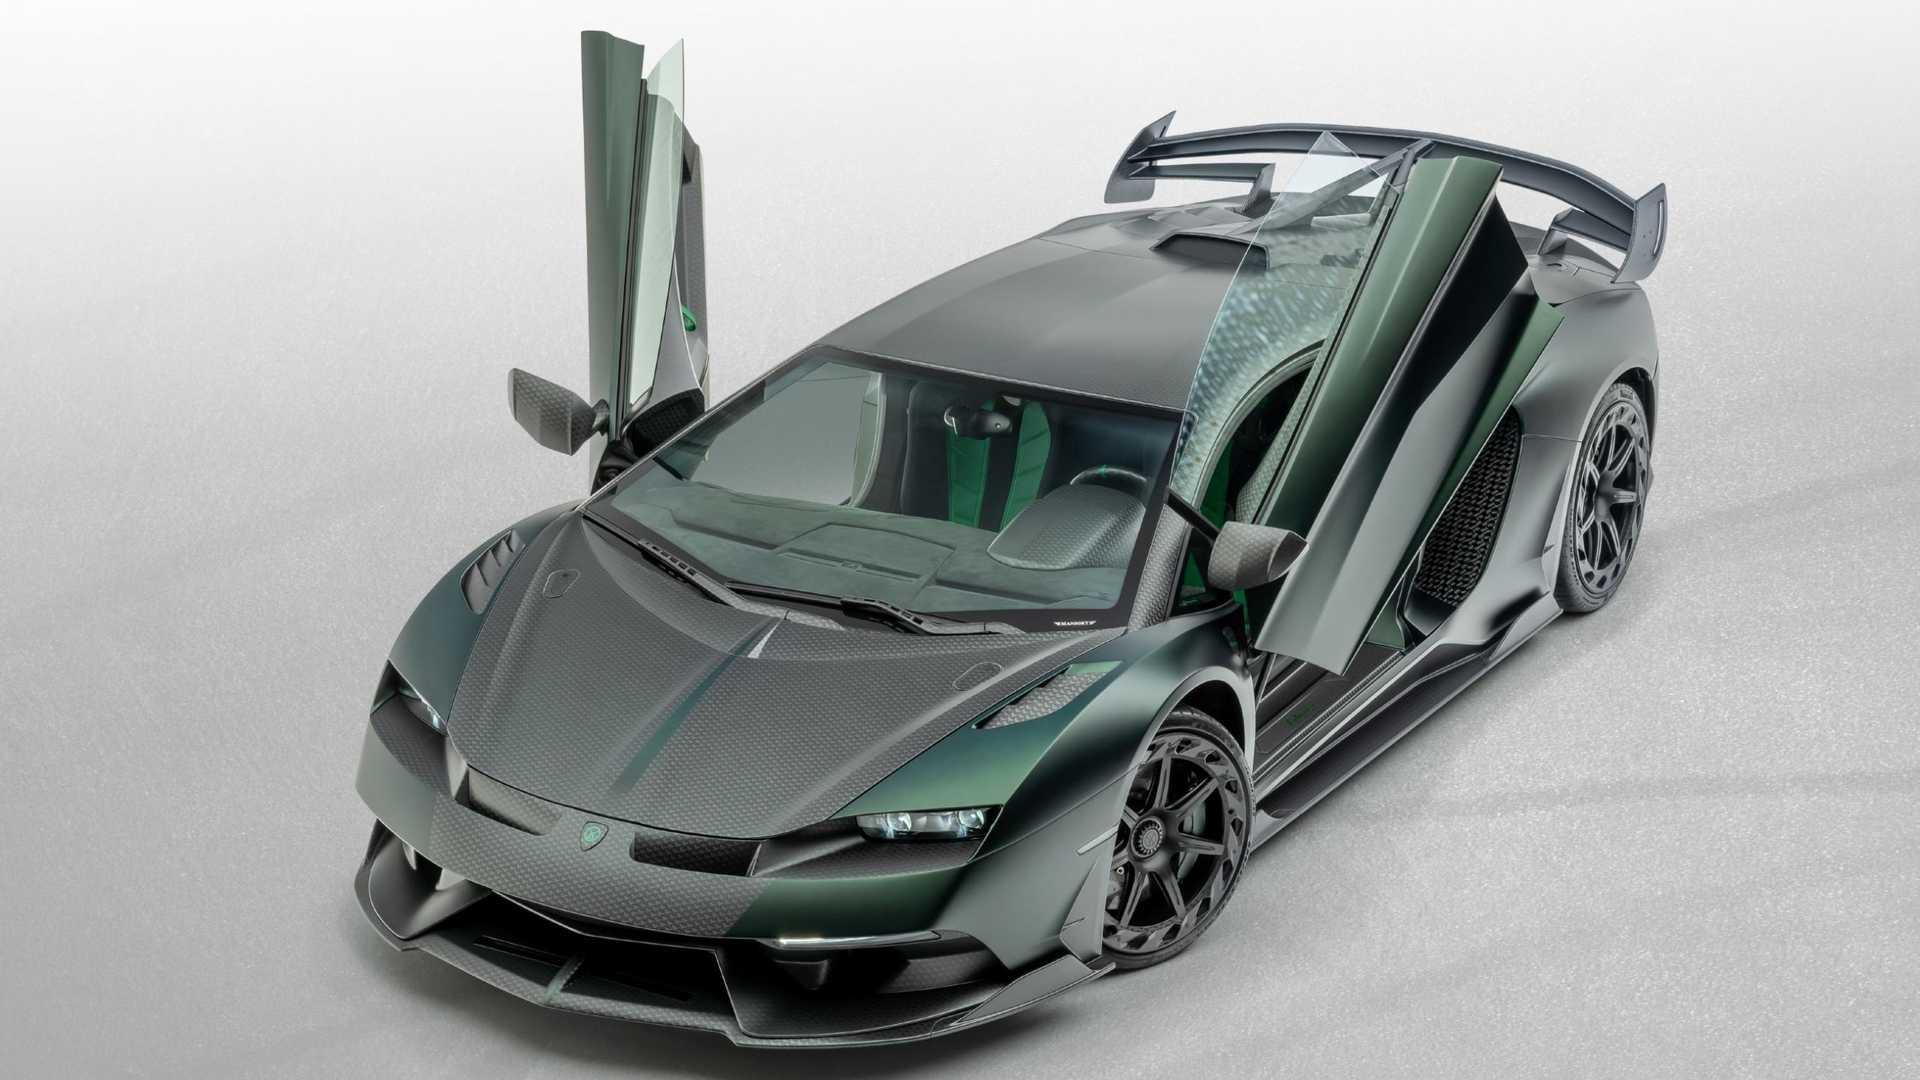 Mansory-Cabrera-Lamborghini-Aventador-SVJ-4